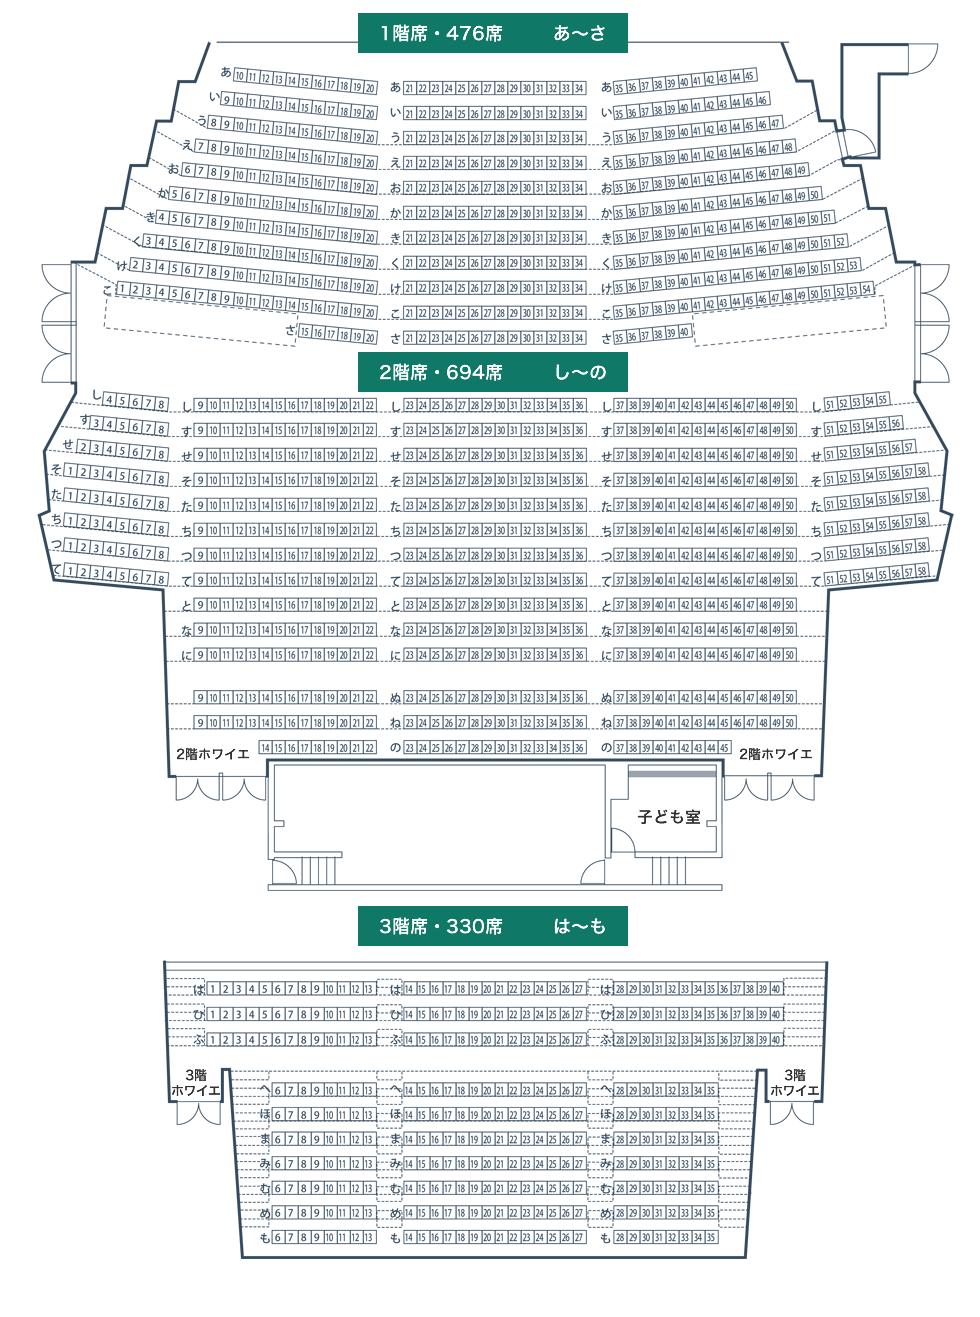 わくわくホリデーホール座席表